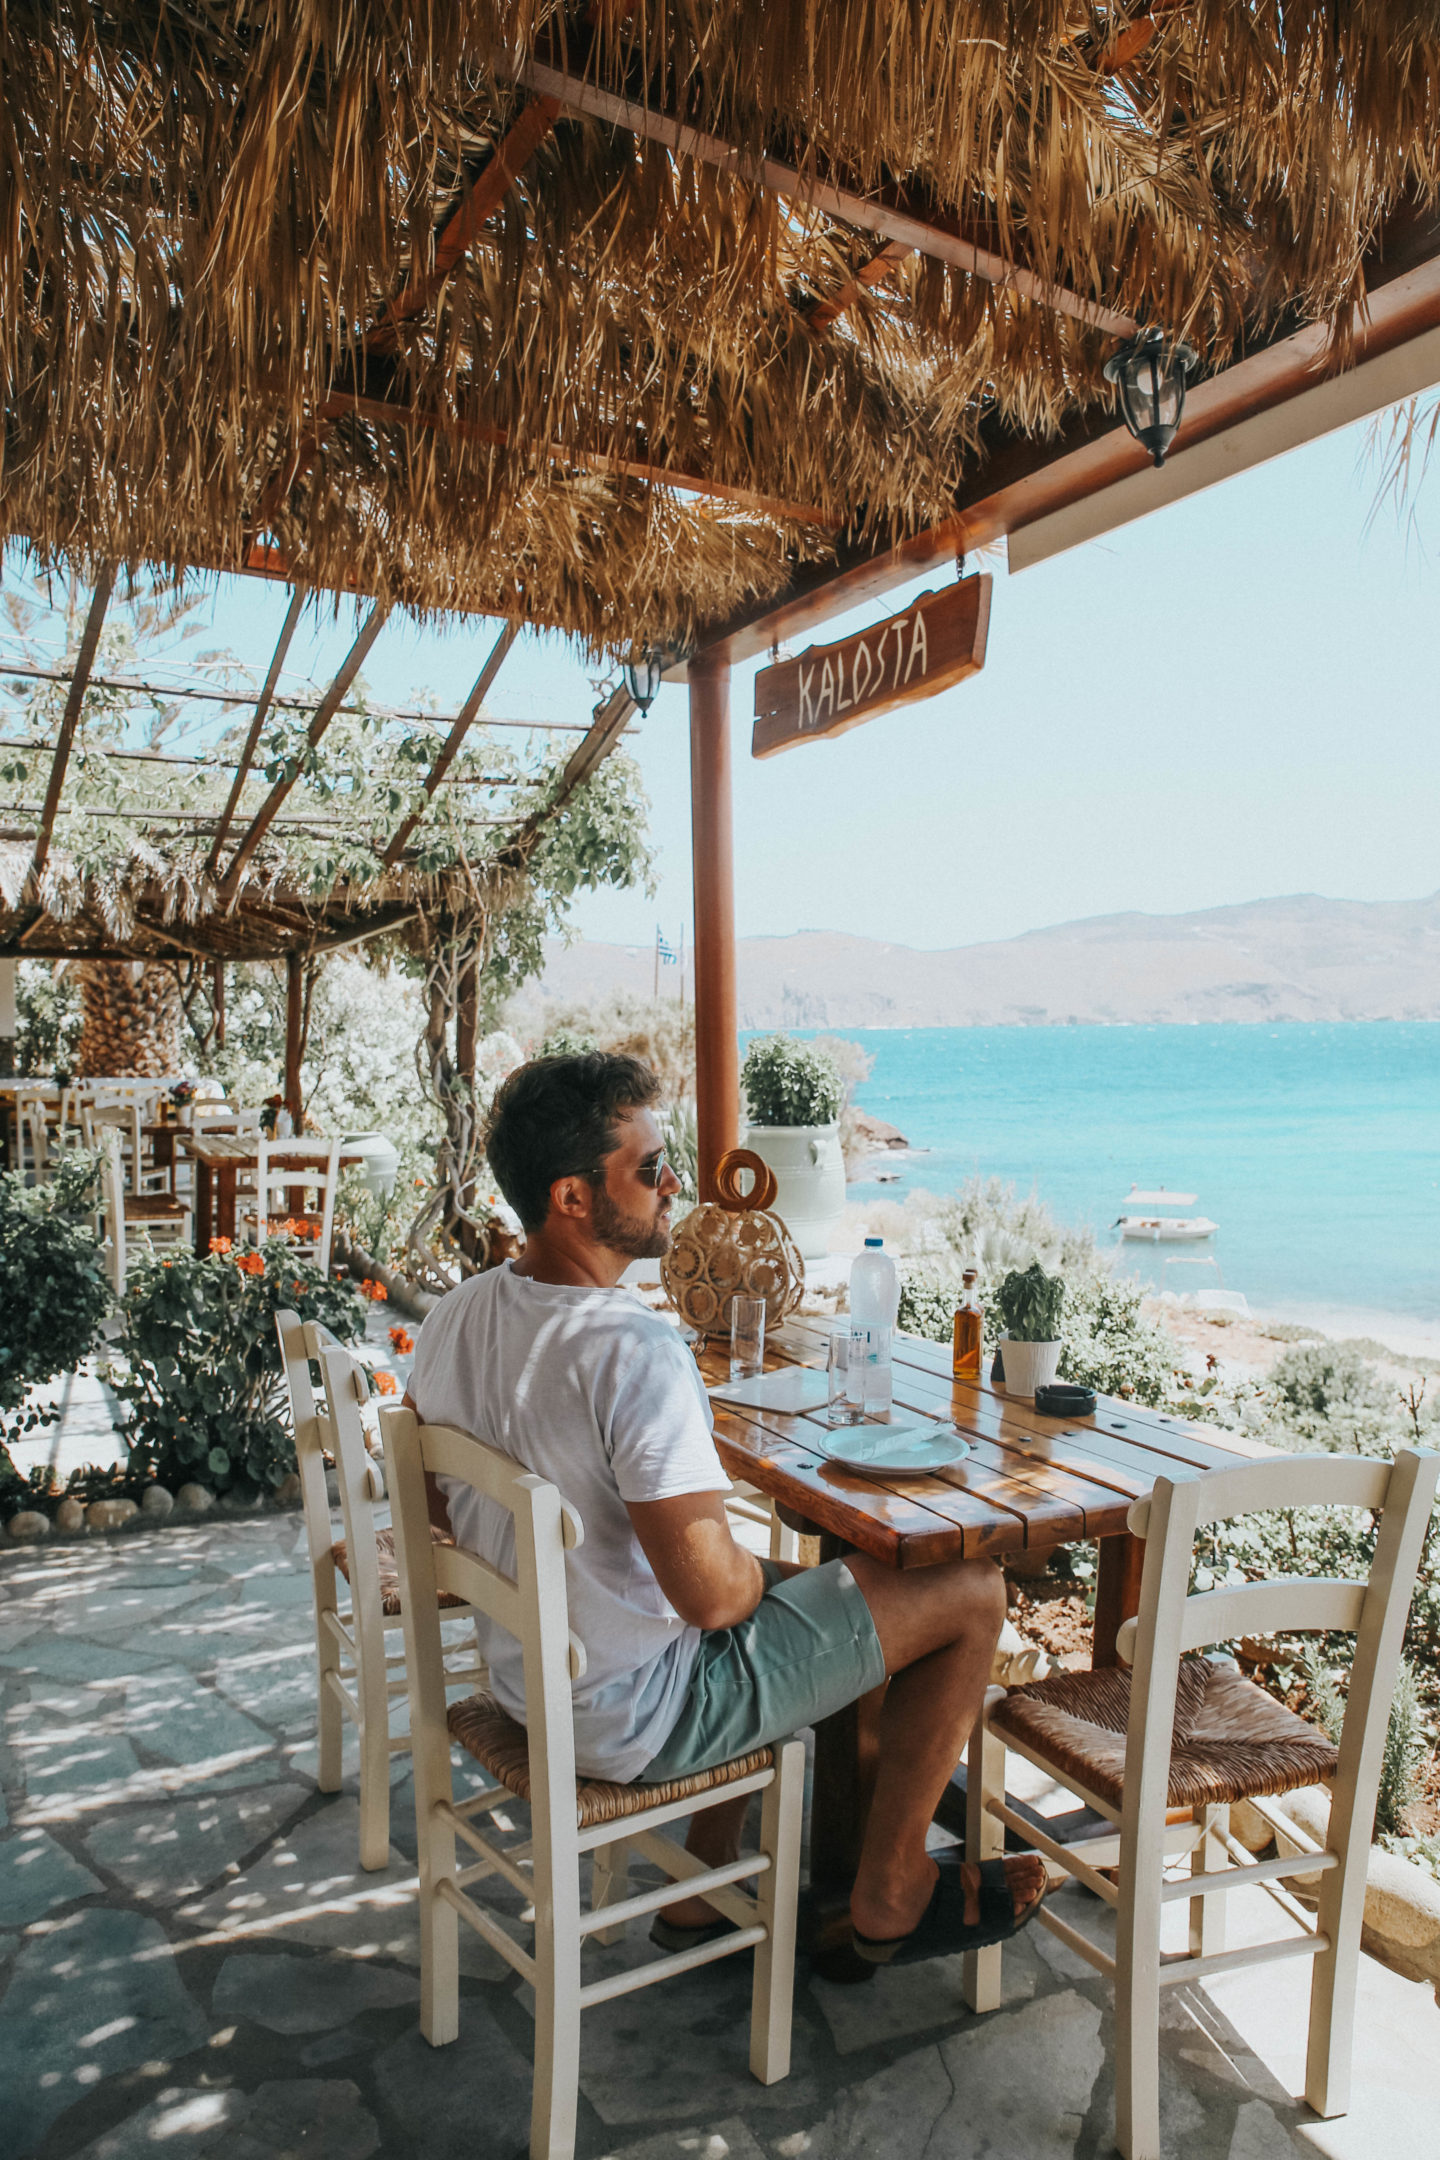 Kalosta restaurant Mykonos - Blondie Baby blog mode et voyages